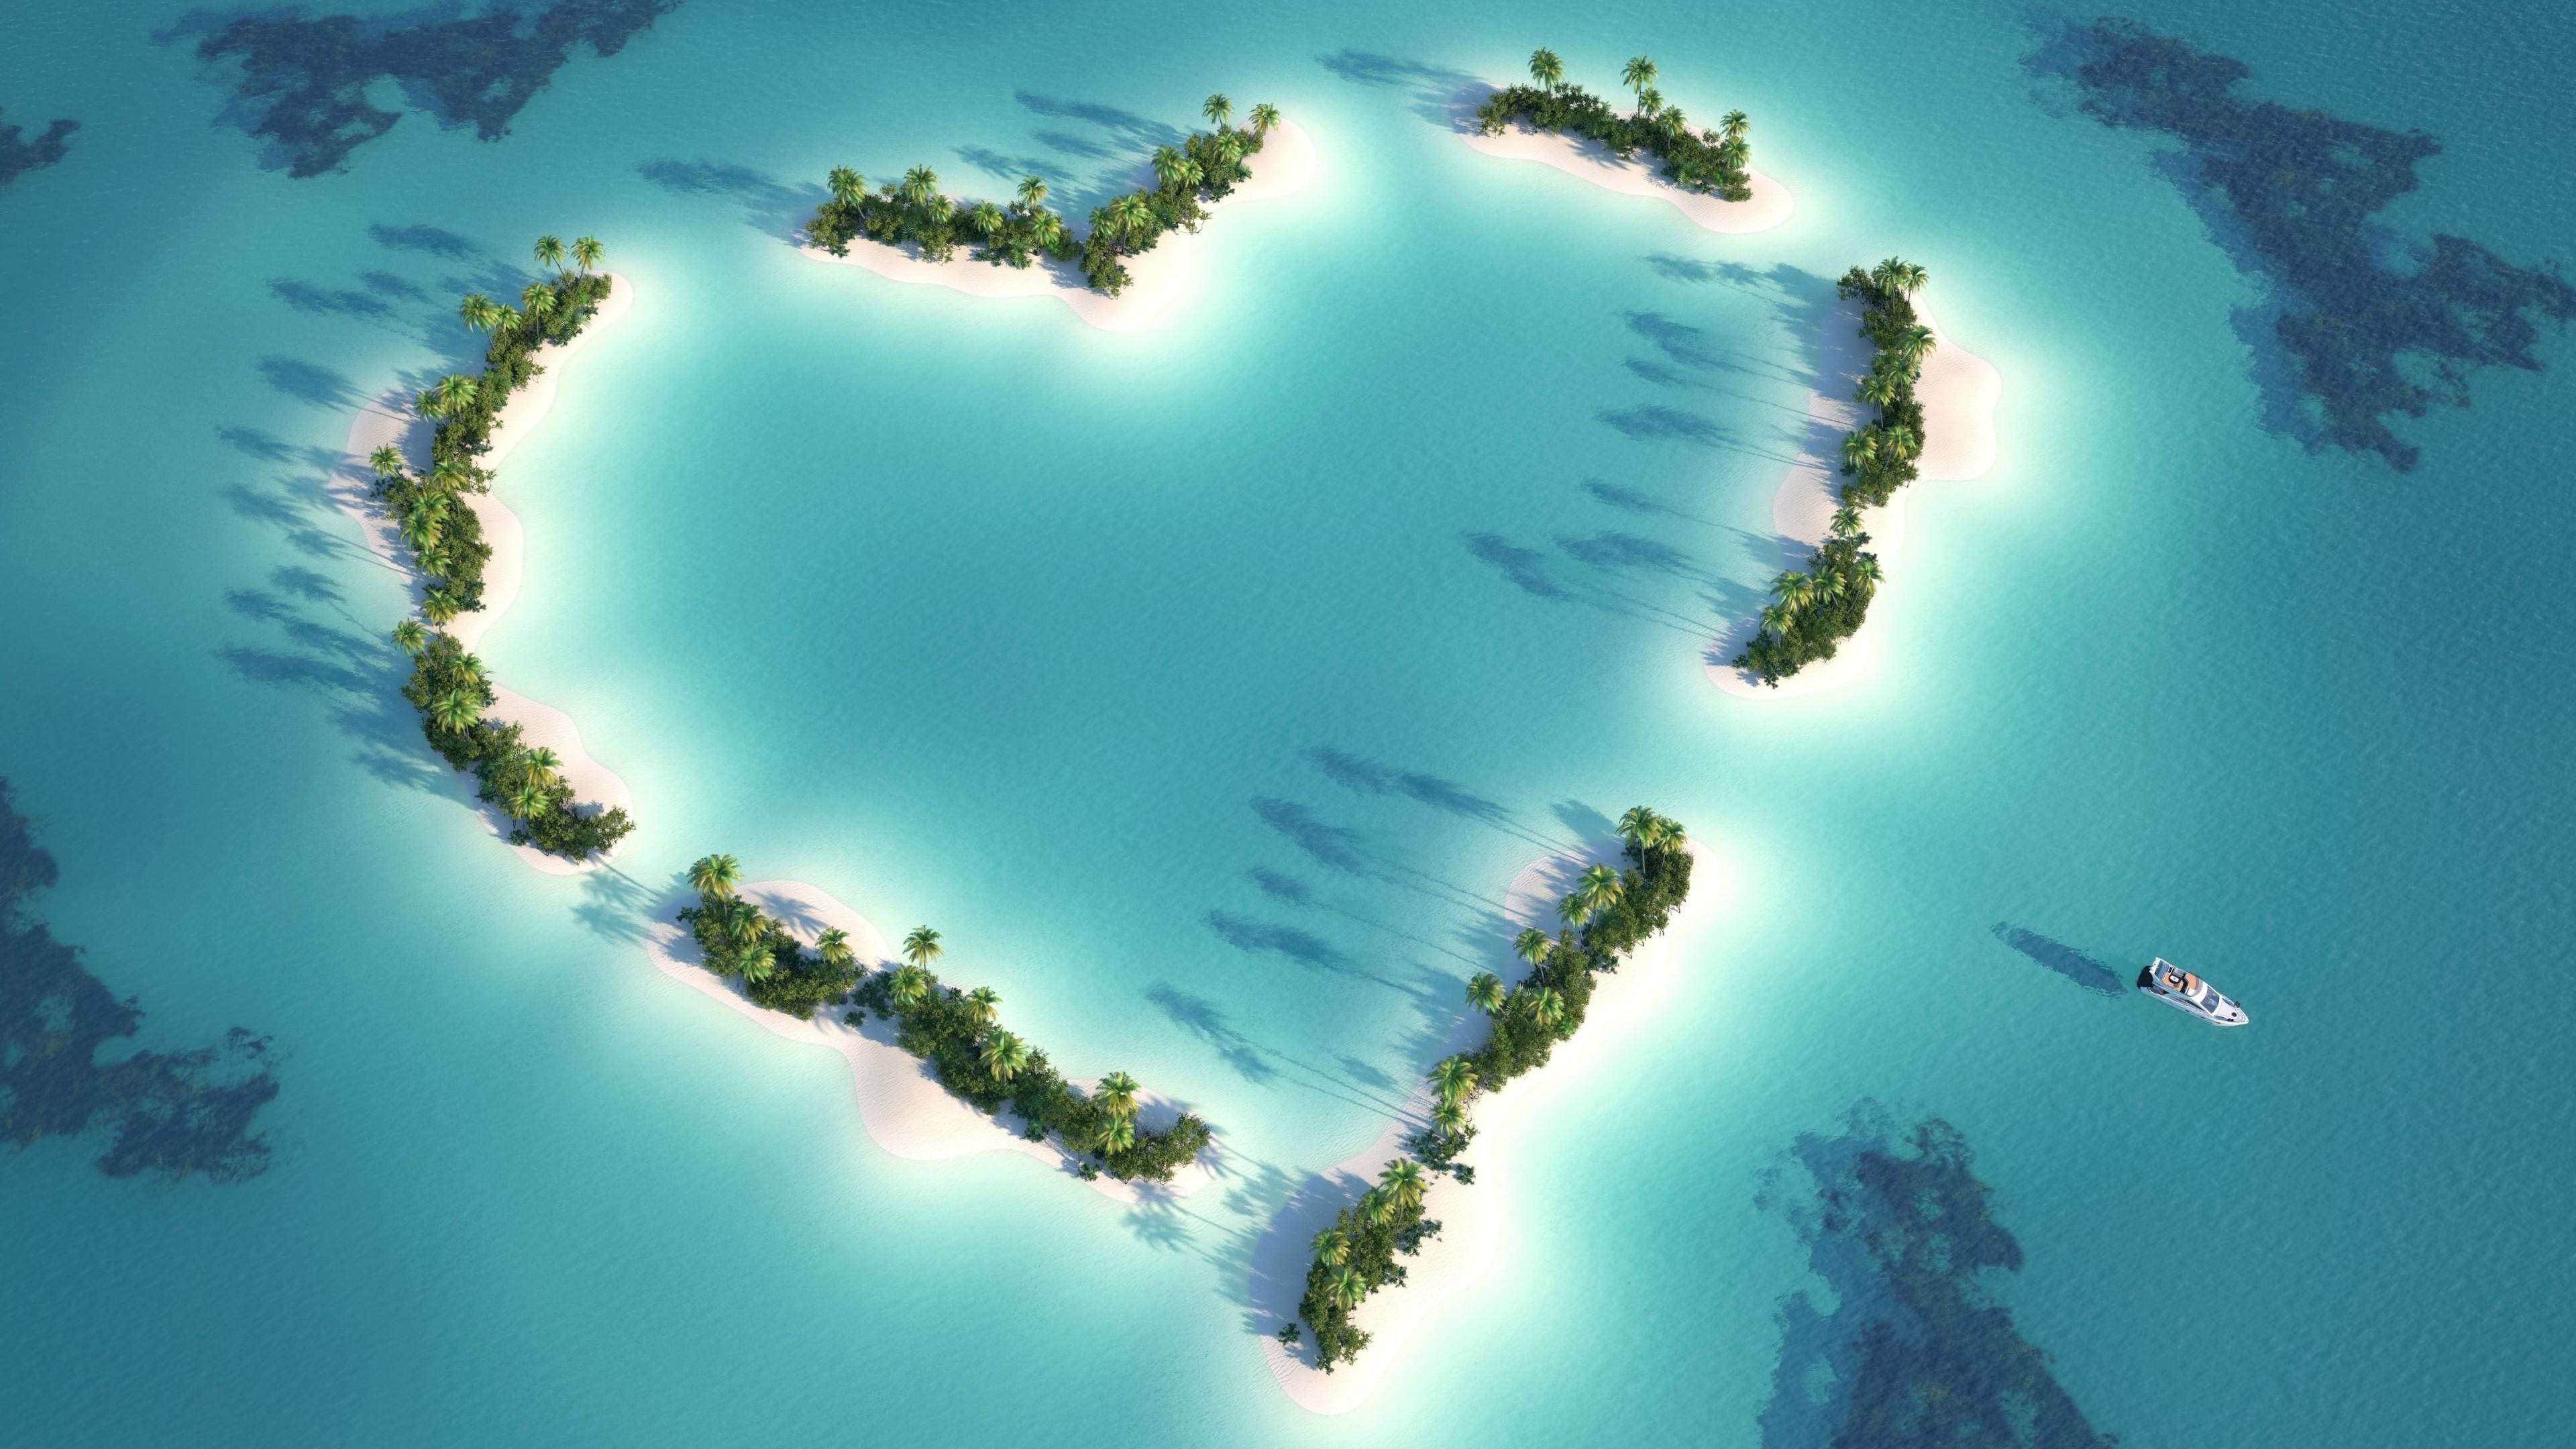 indian ocean 4k 1540131523 - Indian Ocean 4k - ocean wallpapers, nature wallpapers, heart wallpapers